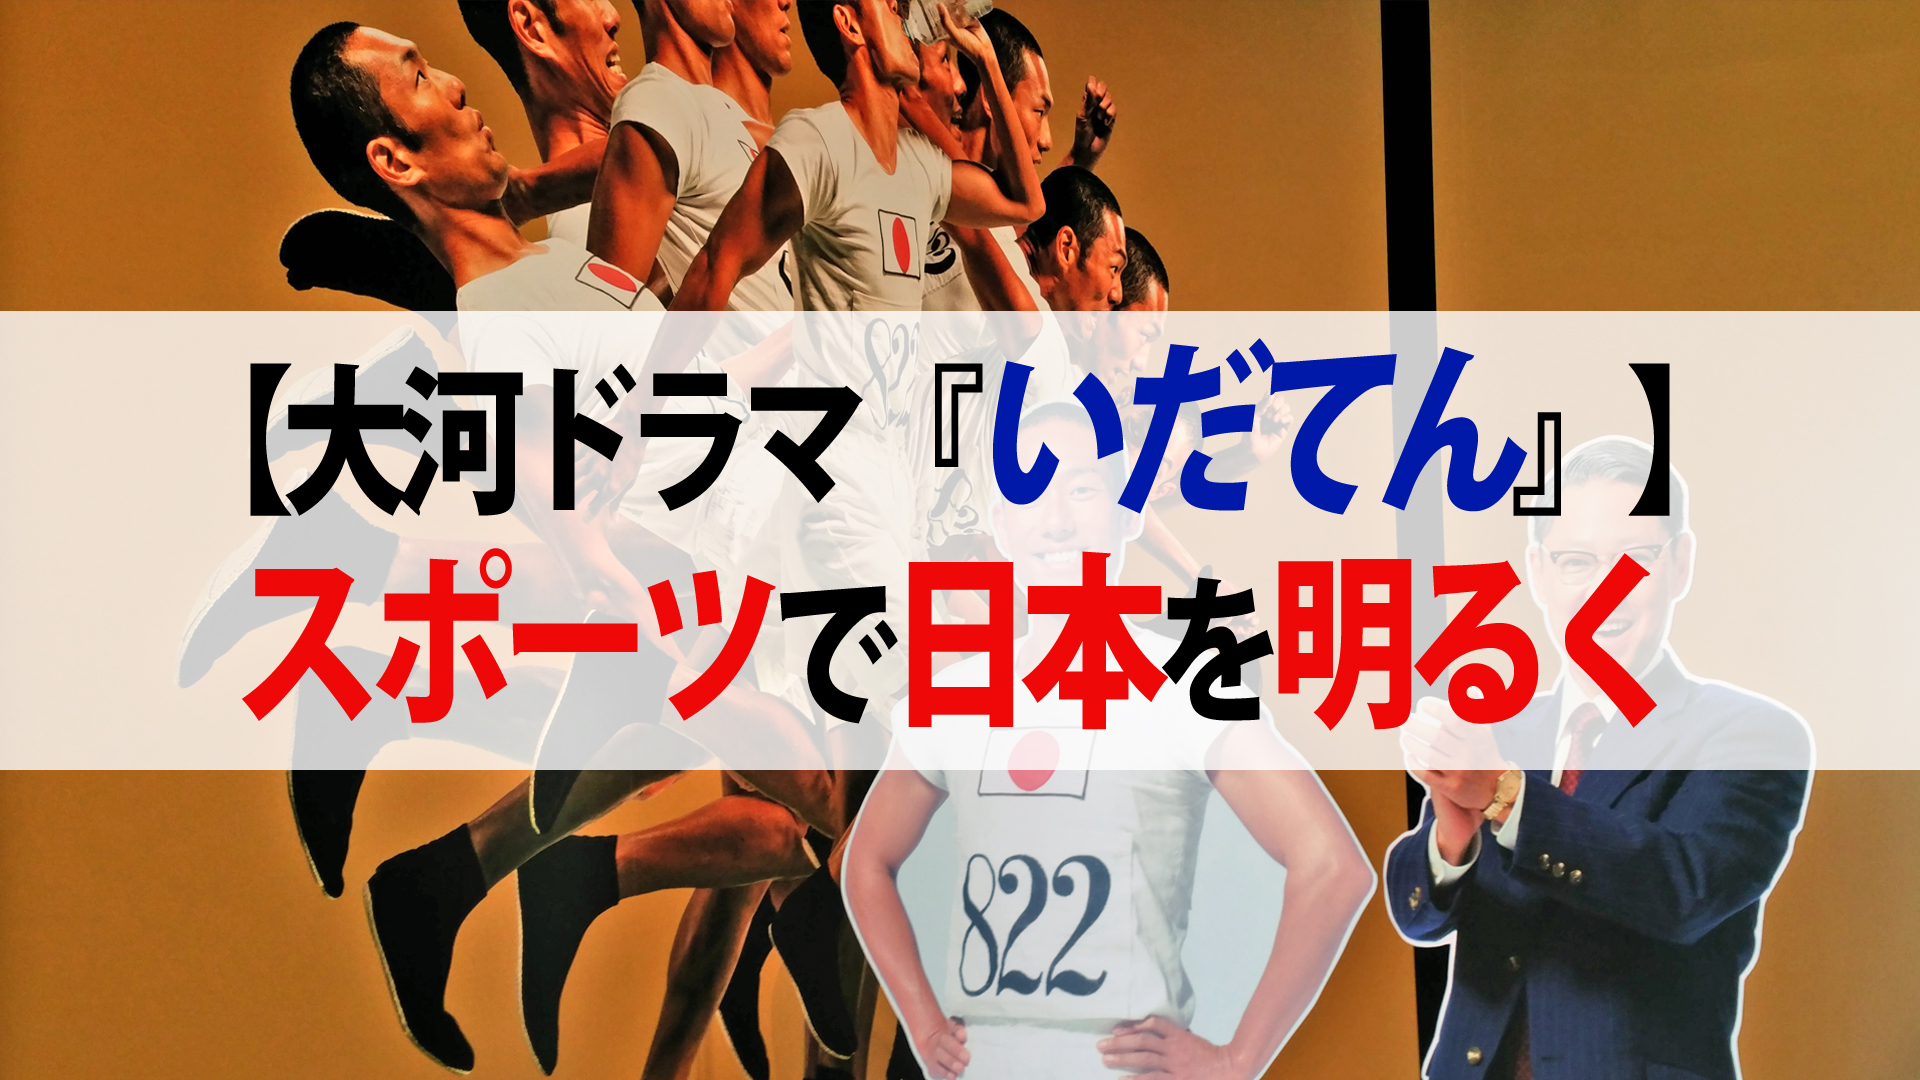 【いだてん『夢のカリフォルニア』】『ミュージカル大河』『スポーツで日本を明るく』『高石の覚悟』第29回への反響まとめ